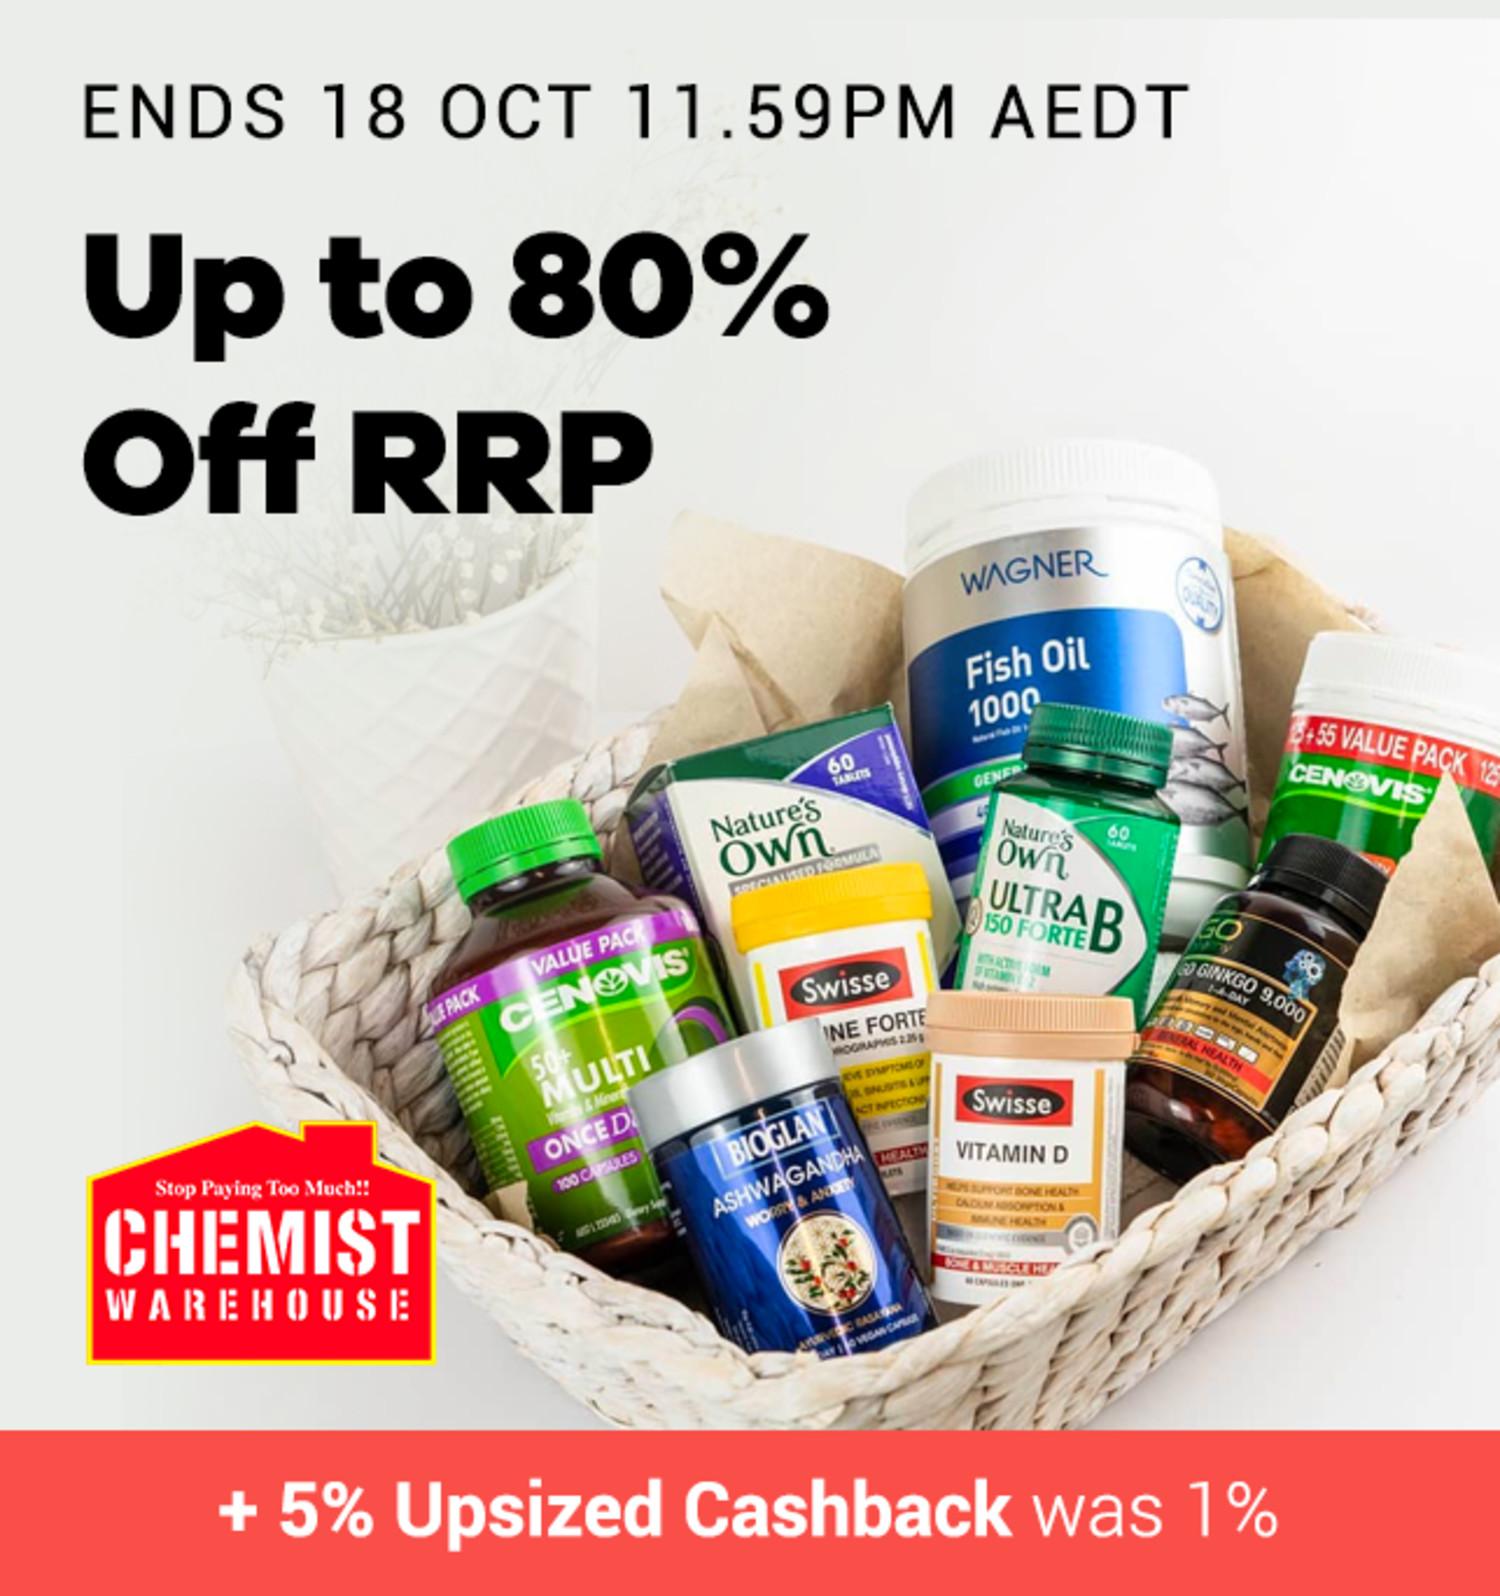 Chemist Warehouse - 5% Upsized Cashback